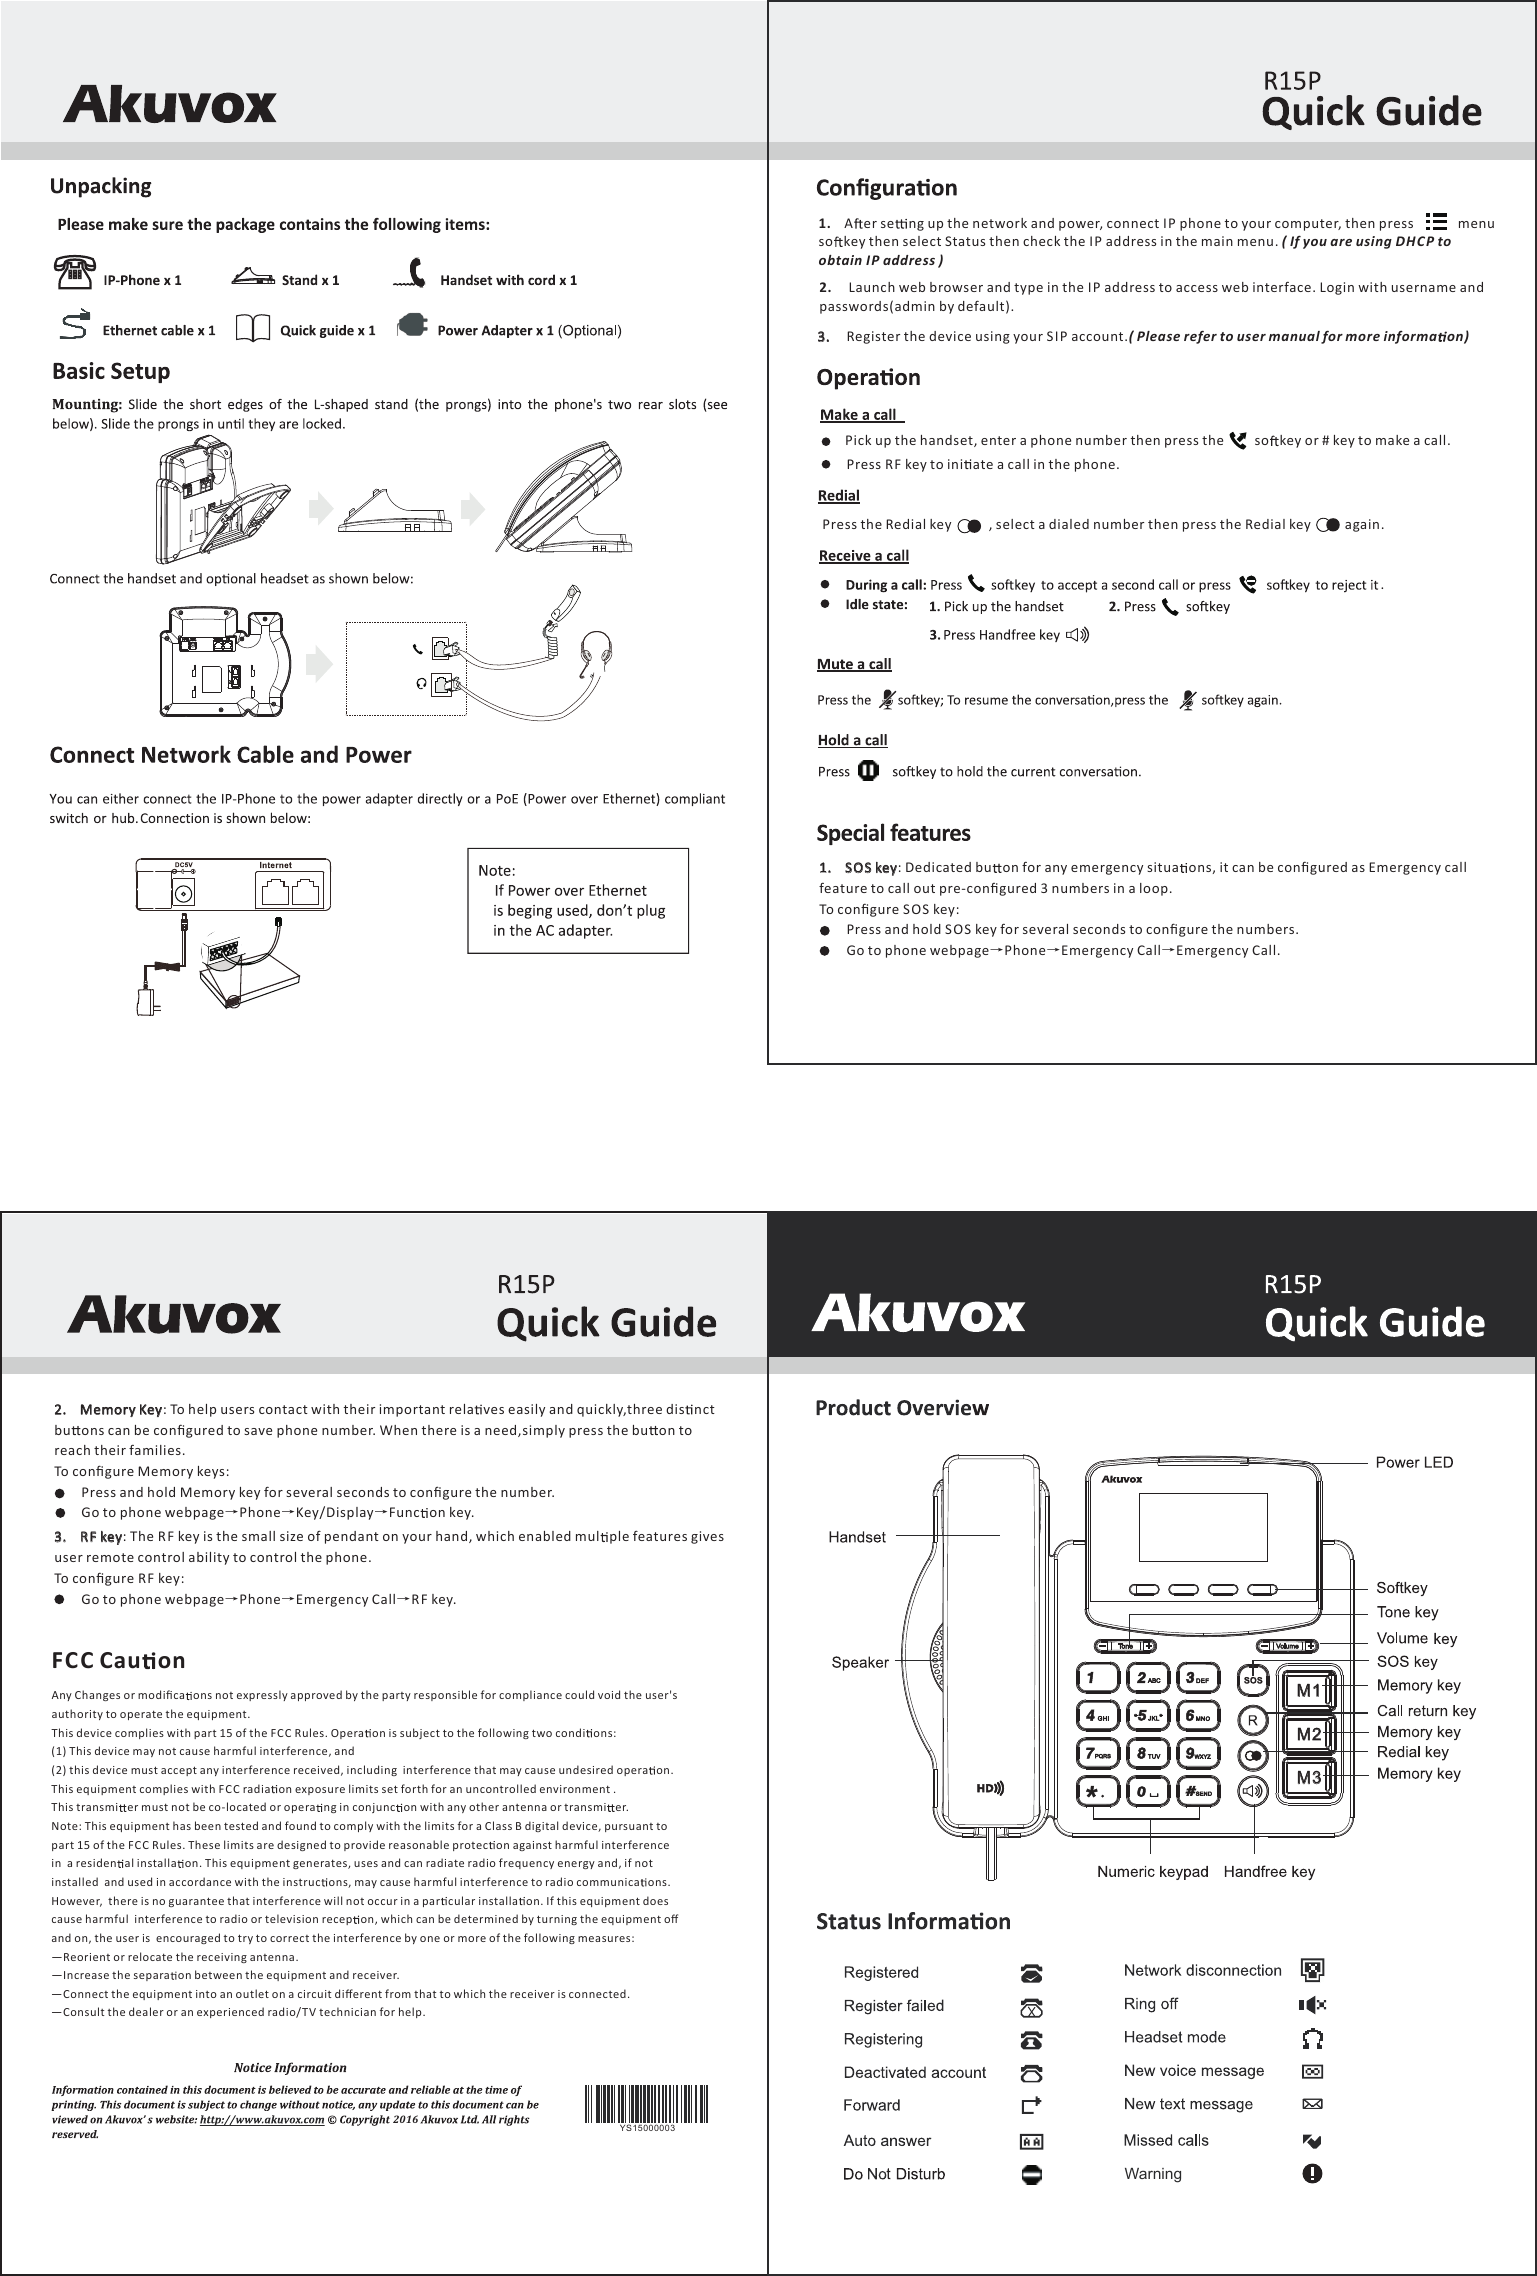 Whirlpool Wpw10463866 Loop Manual Guide